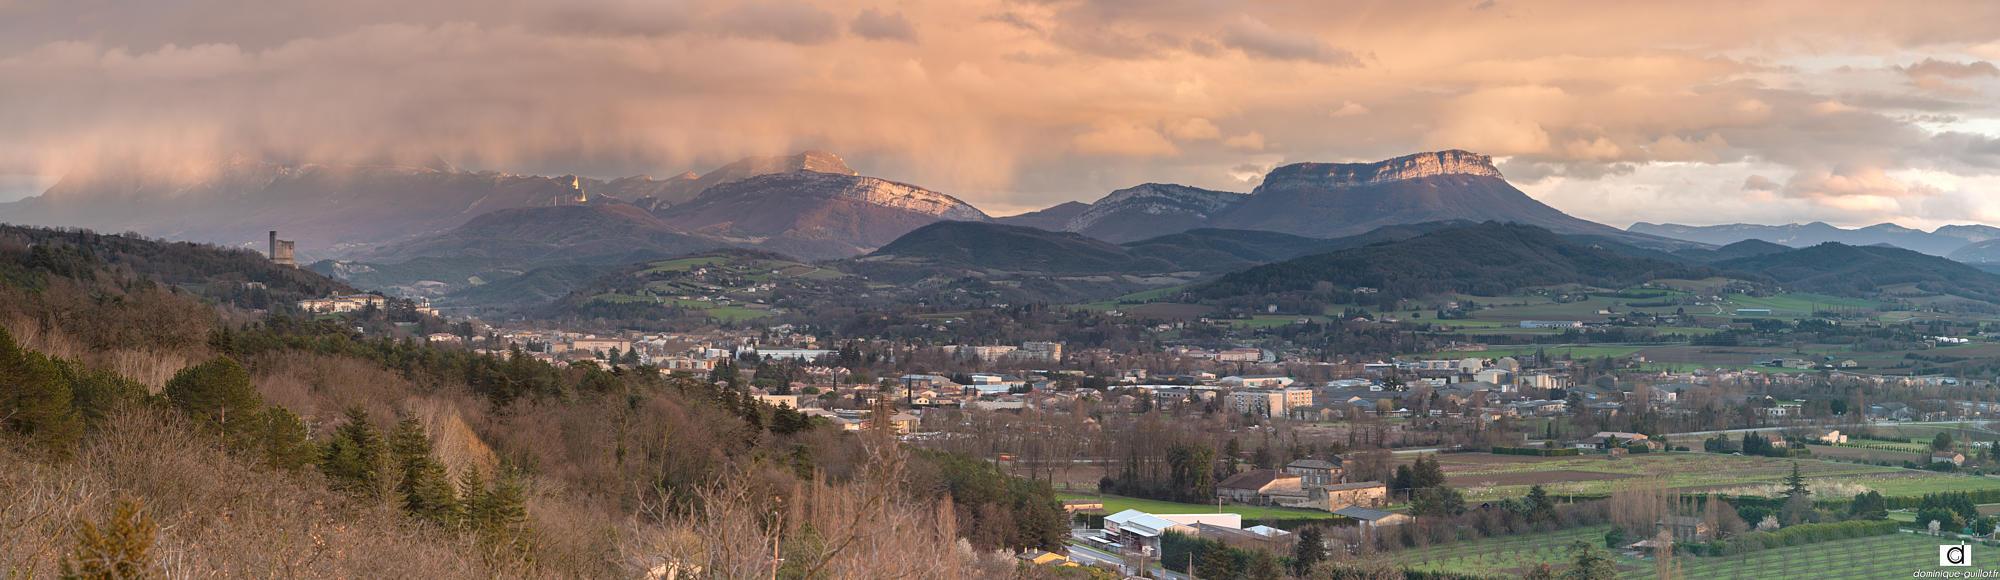 Crest - Vallée de la drôme